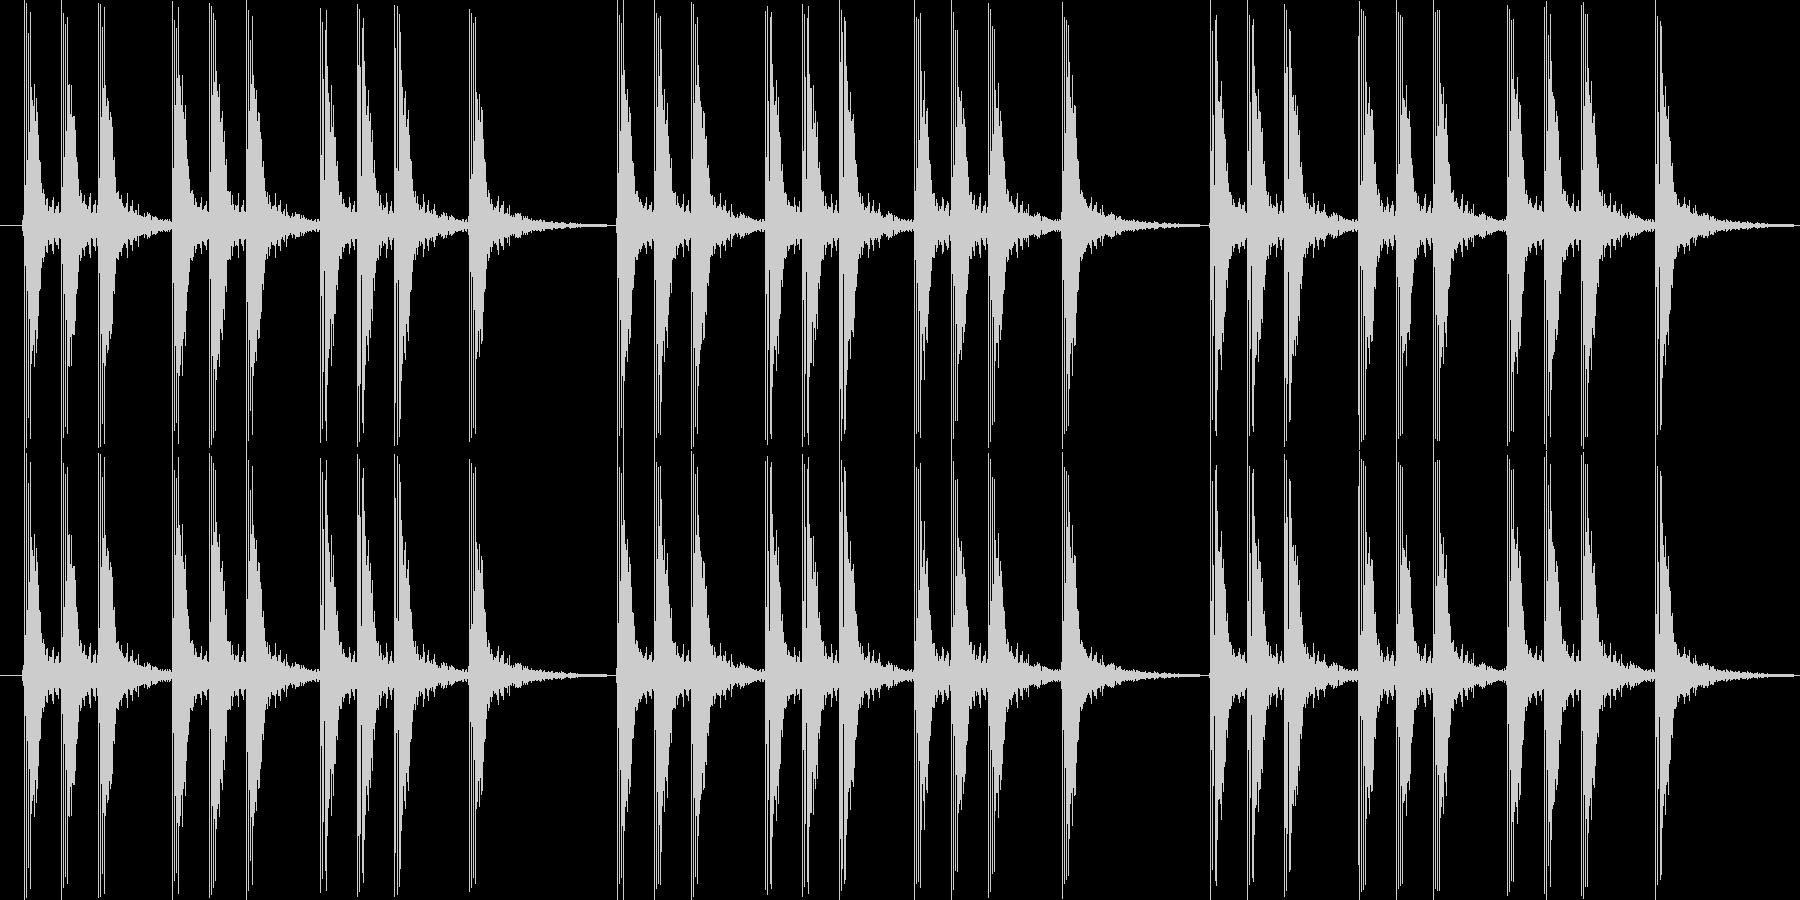 パパパン 三本締めの未再生の波形